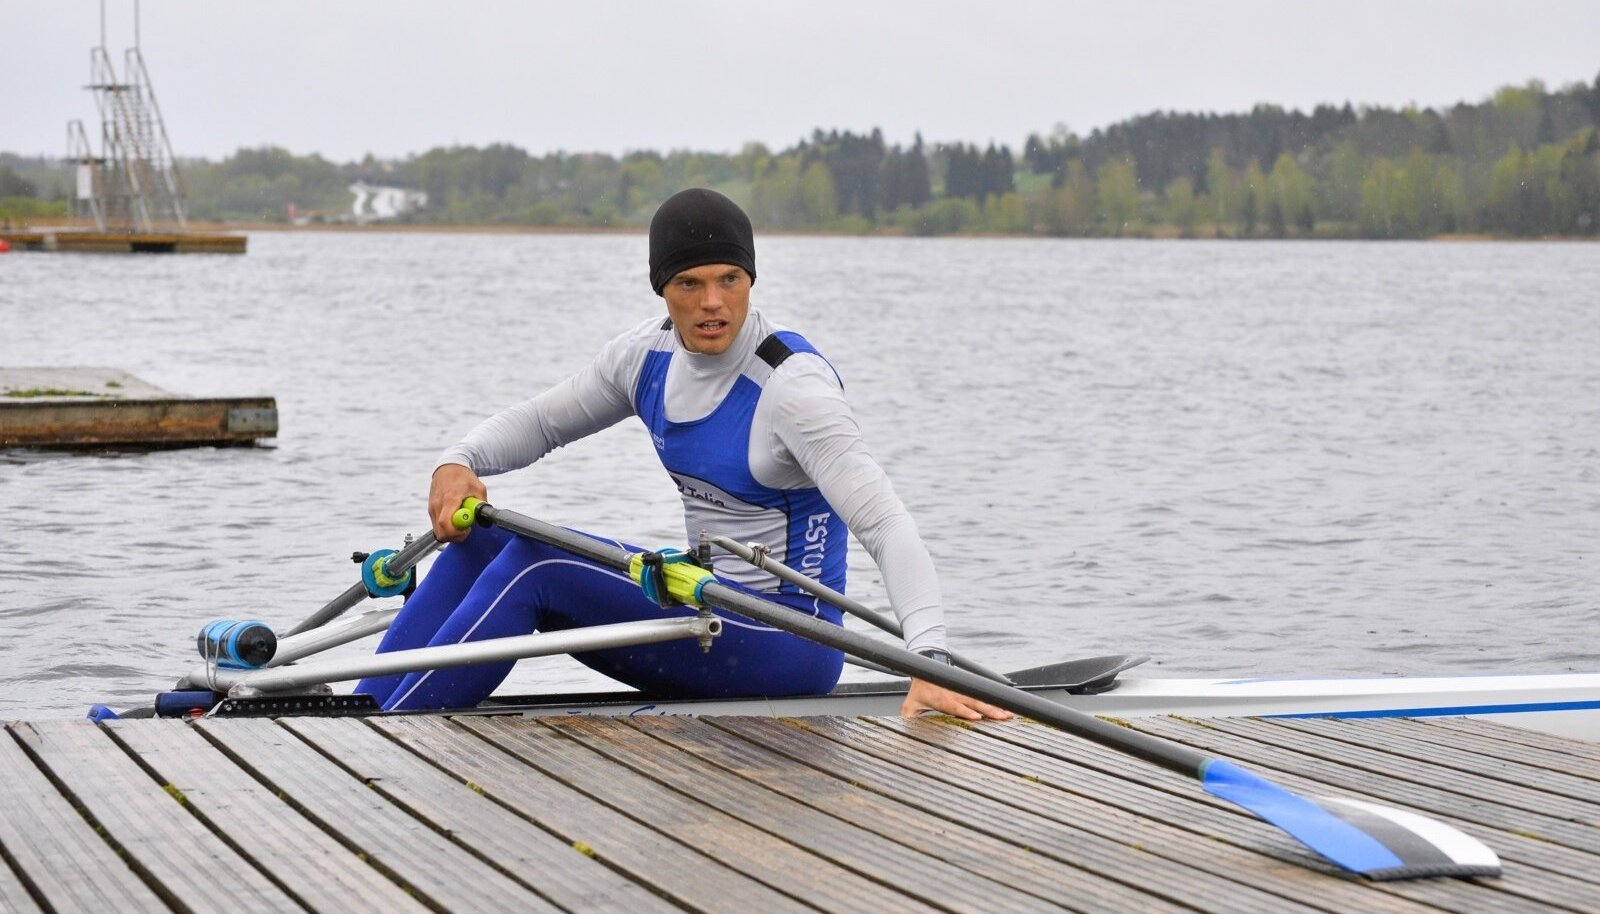 Rio olümpiamängudel neljapaadi varumeheks olnud Sten-Erik Anderson saab EM-il end näidata nejapaadis.